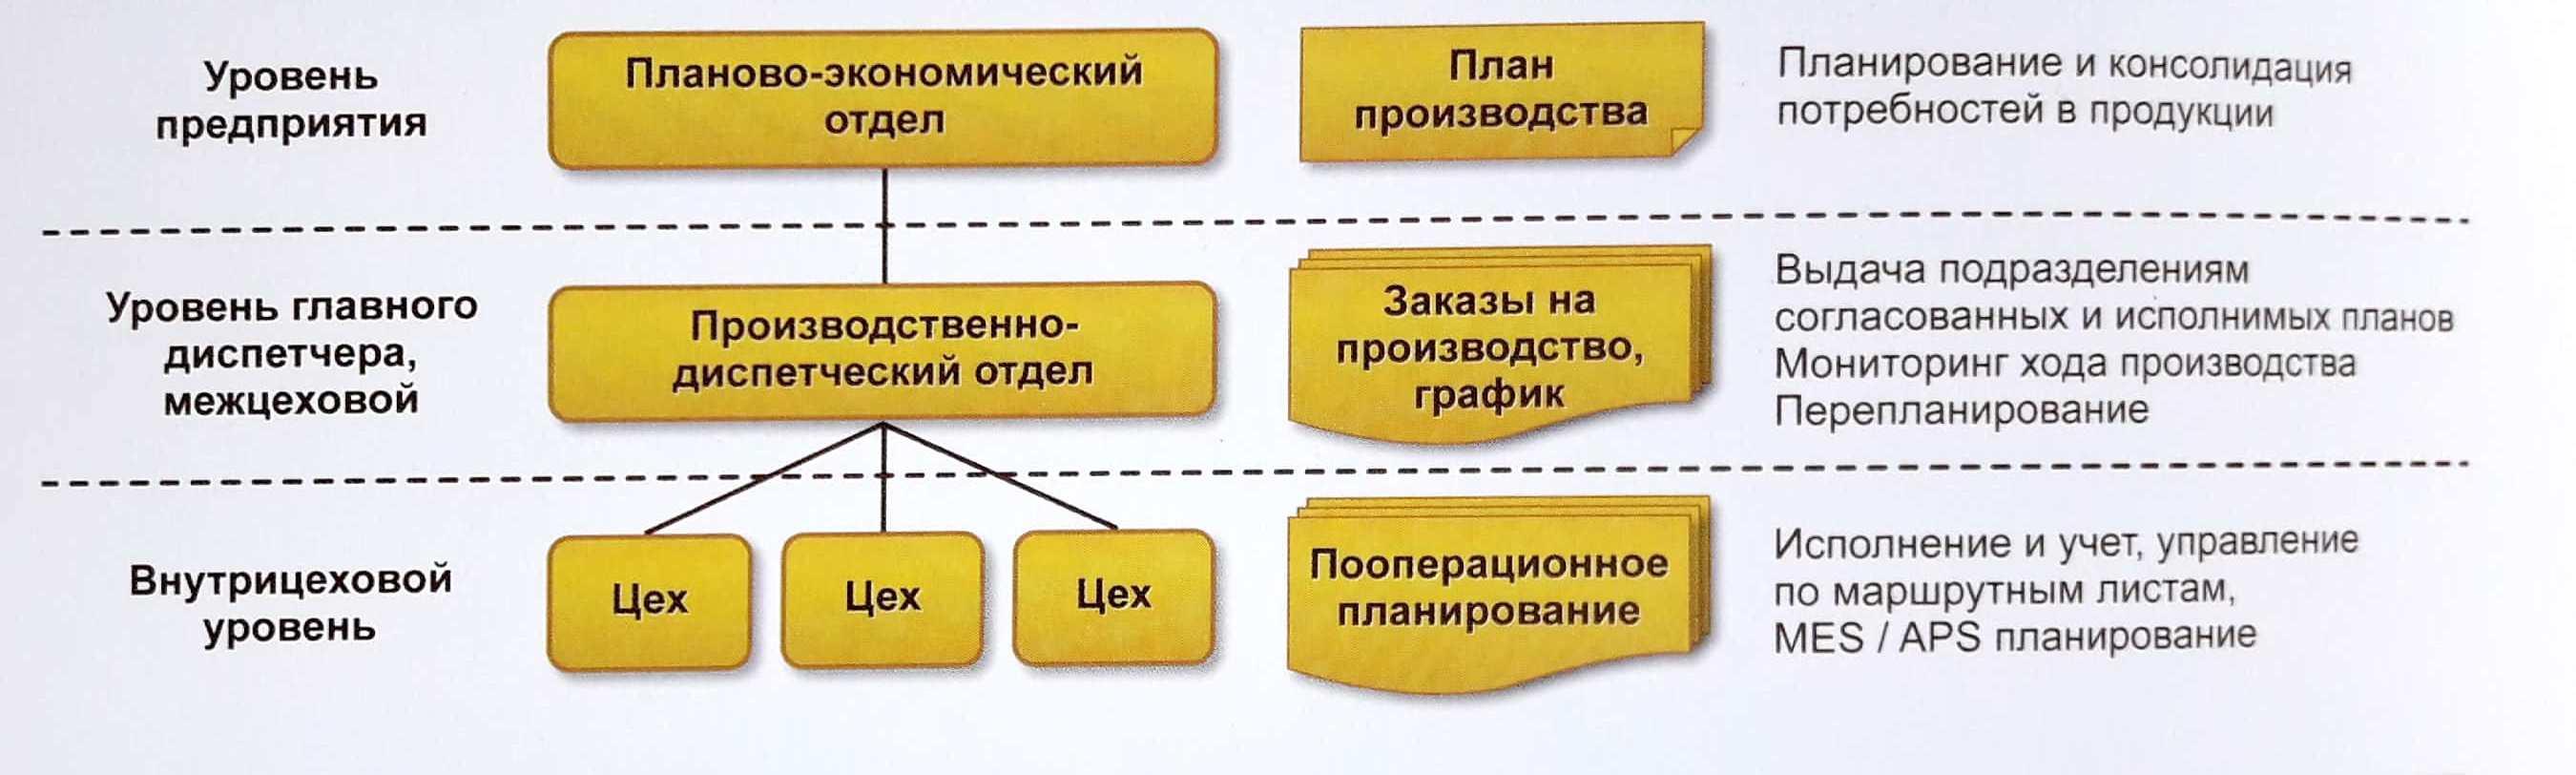 Управление производственными запасами в 1С: ERP - как выбрать систему управления предприятием - Купить решение